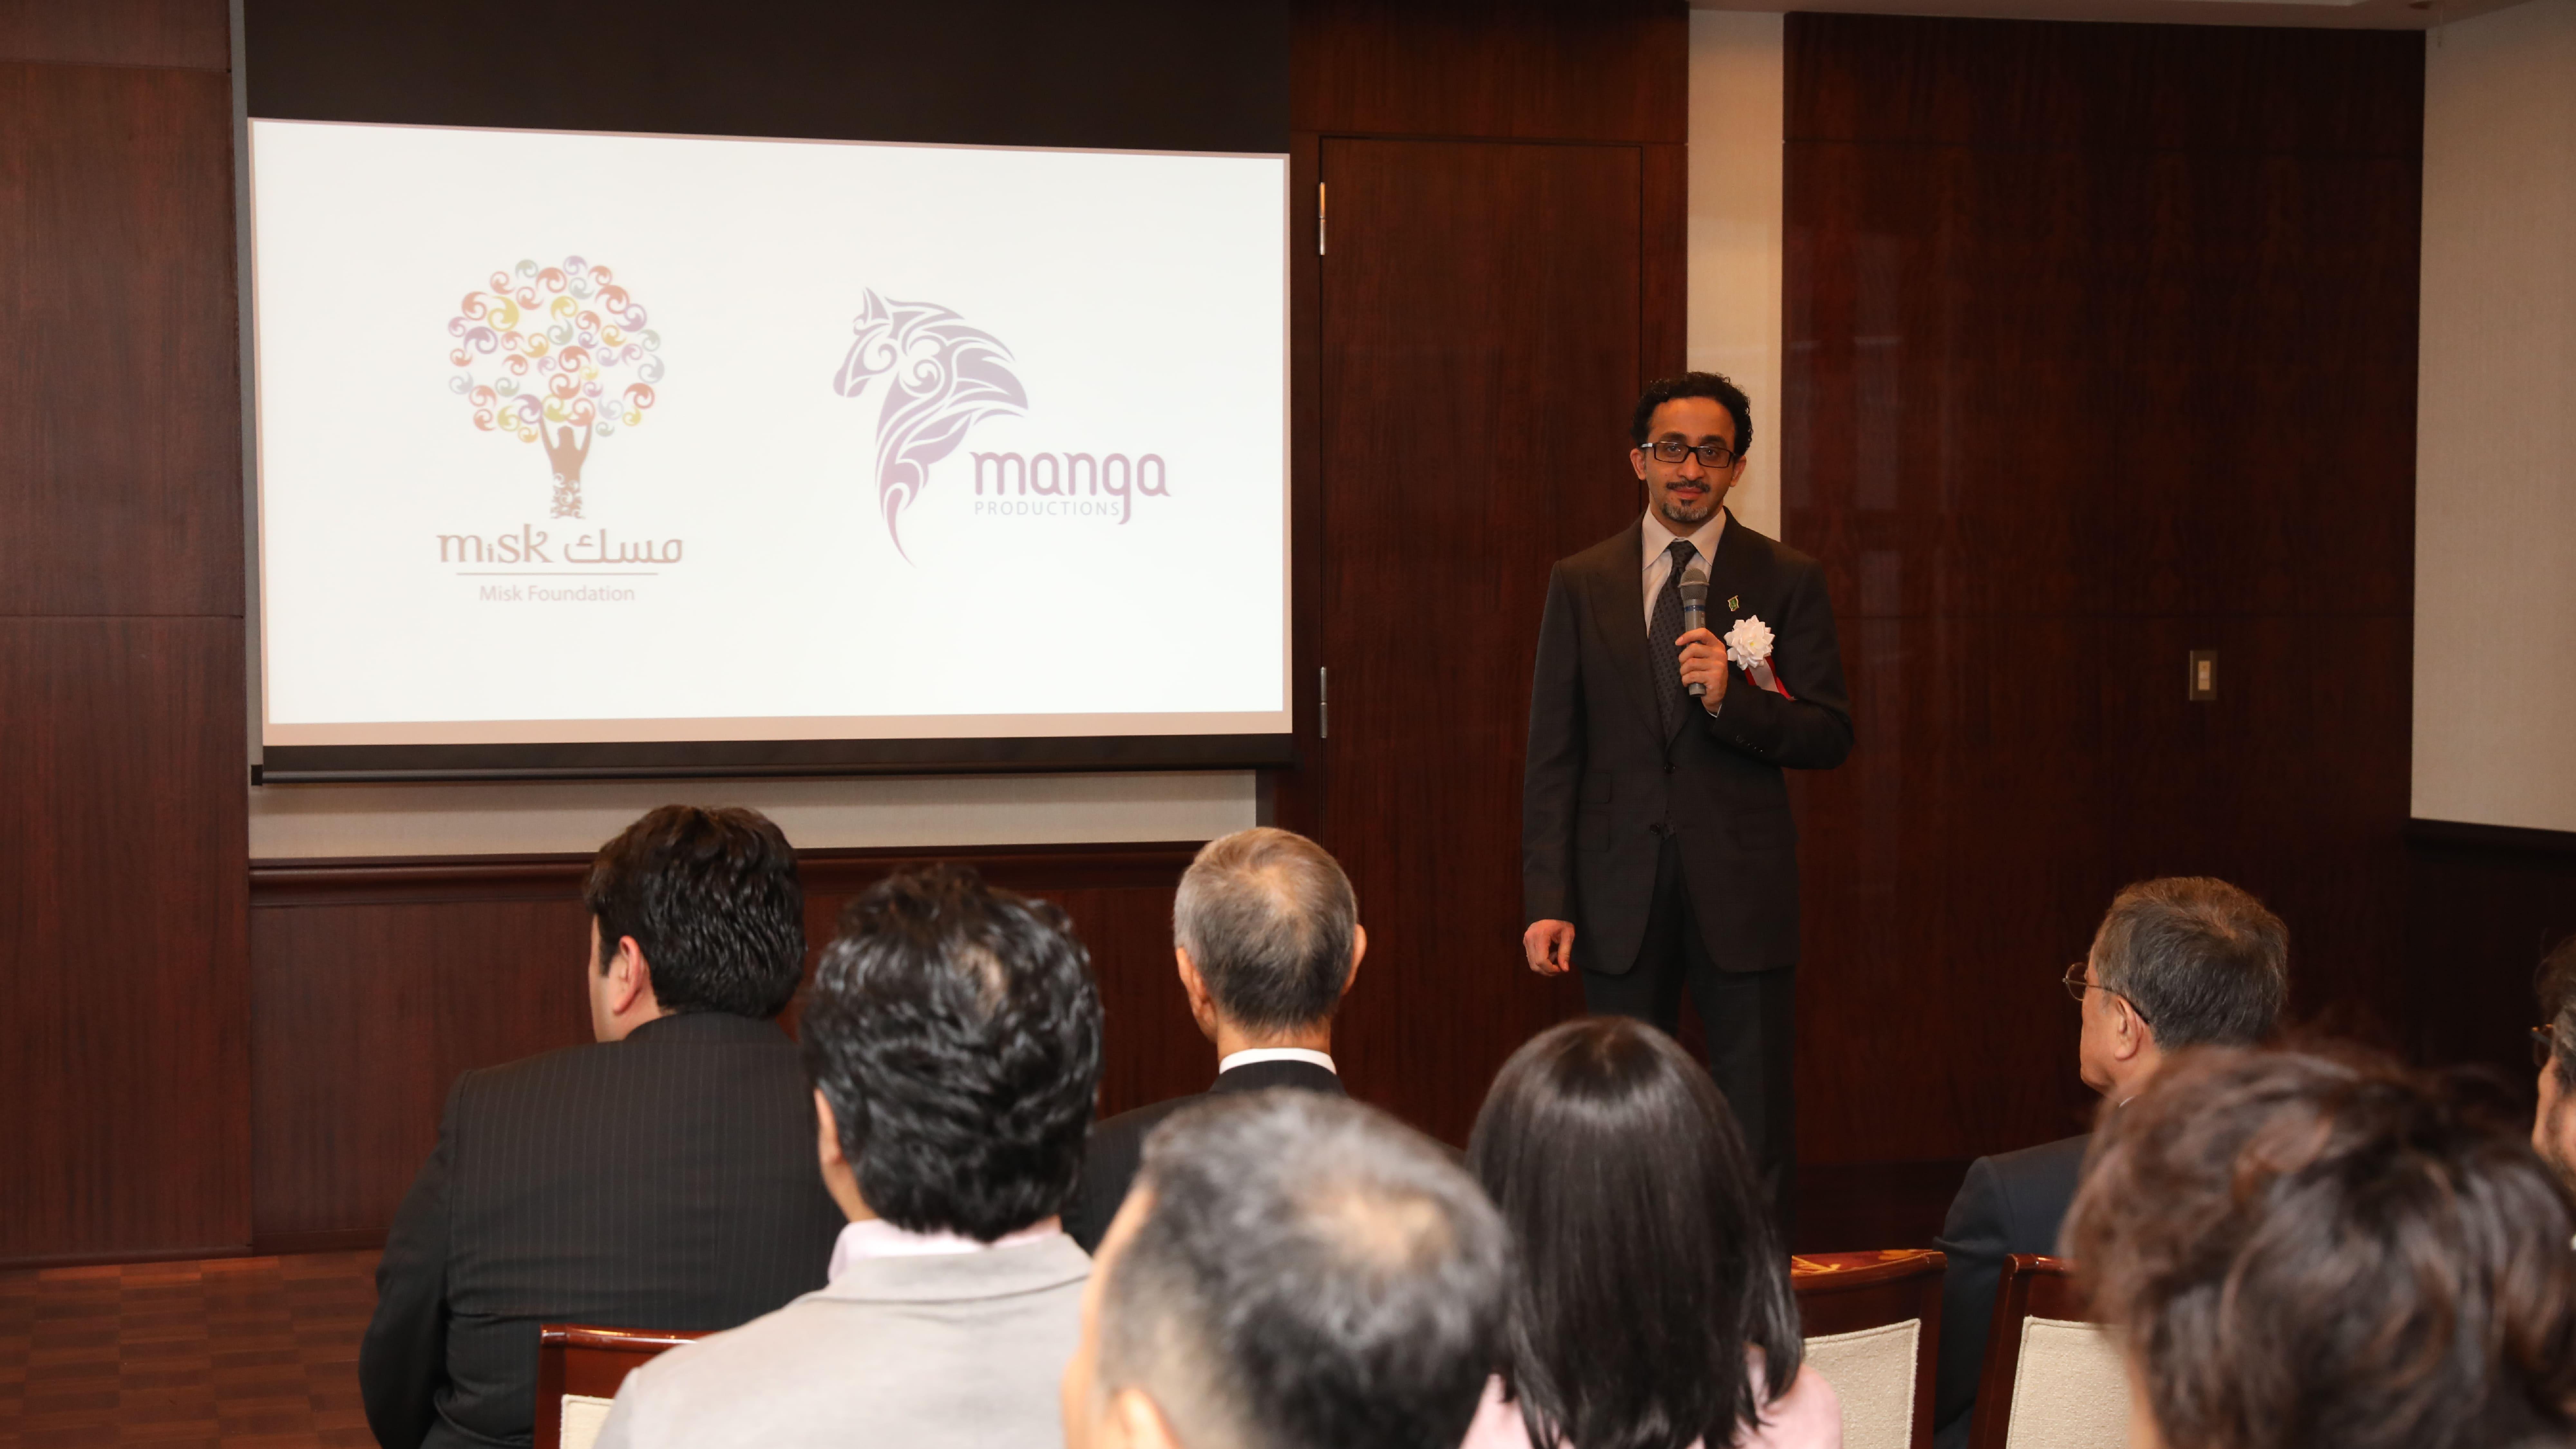 """شركة """"مانجا"""" تفتتح فرعها في طوكيو.. وتوقع مذكرات تدريب"""